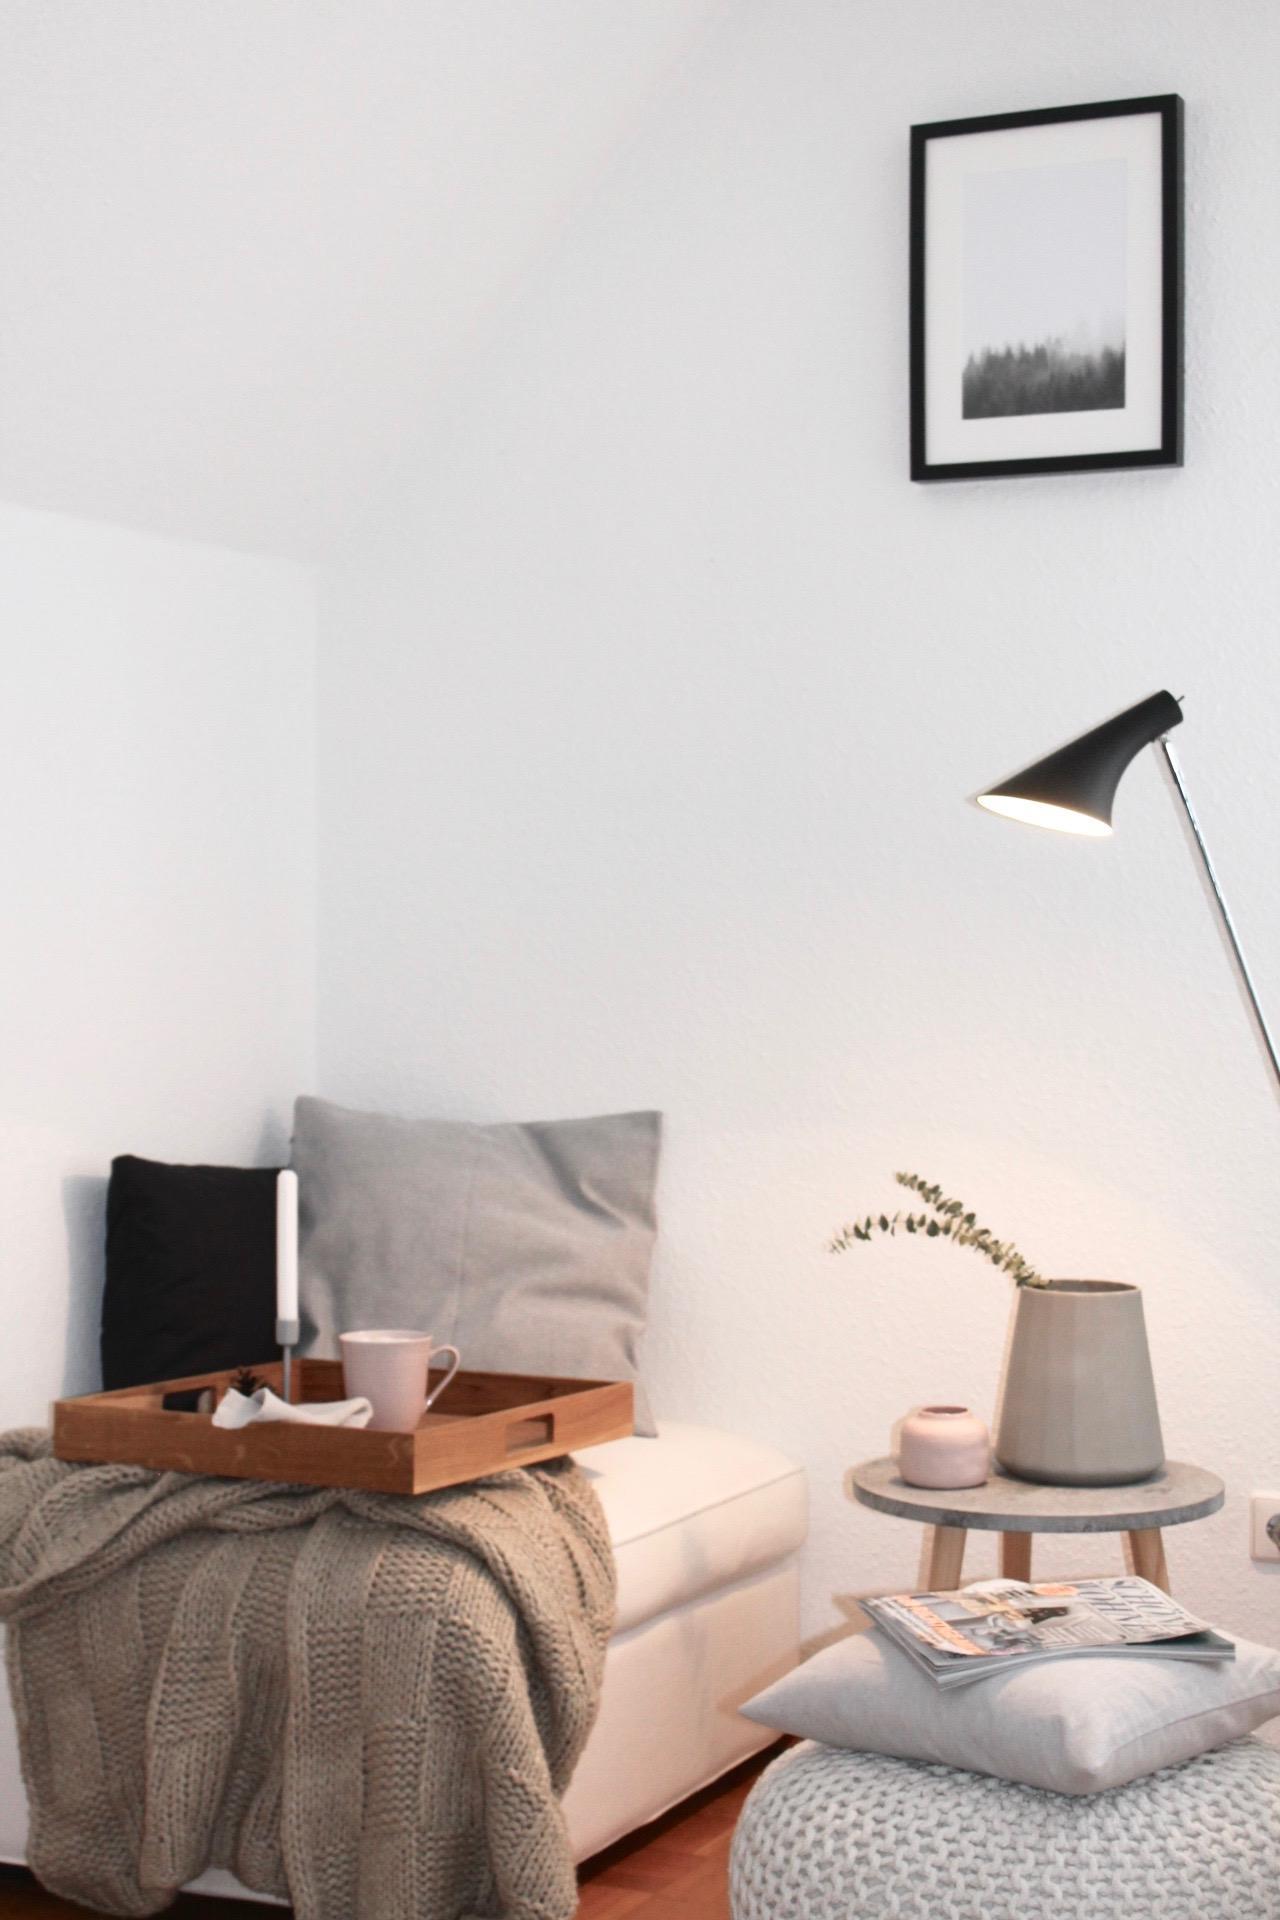 Bumchen Raus Sofa Rein Beistelltisch Wohnzimmer Vase Kissen Kerzenstnder Geschirr